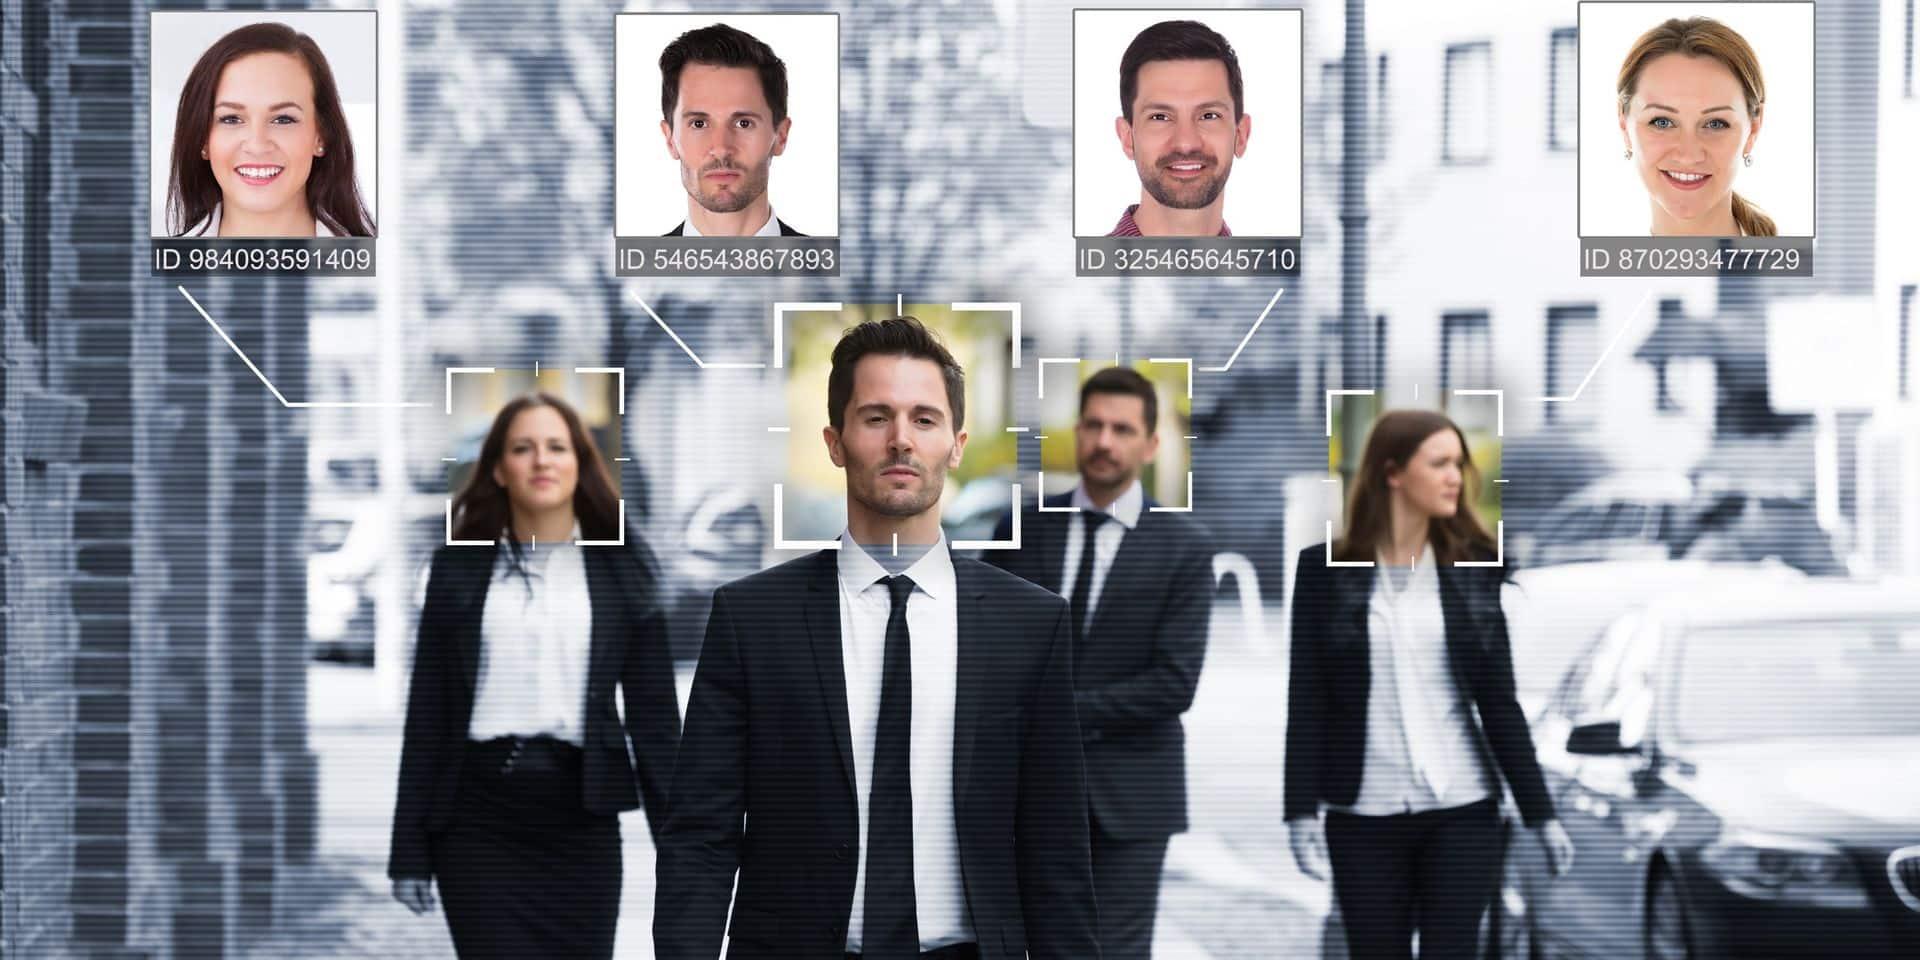 Des ONG portent plainte contre Clearview AI pour vente de données de reconnaissance faciale aux services de police